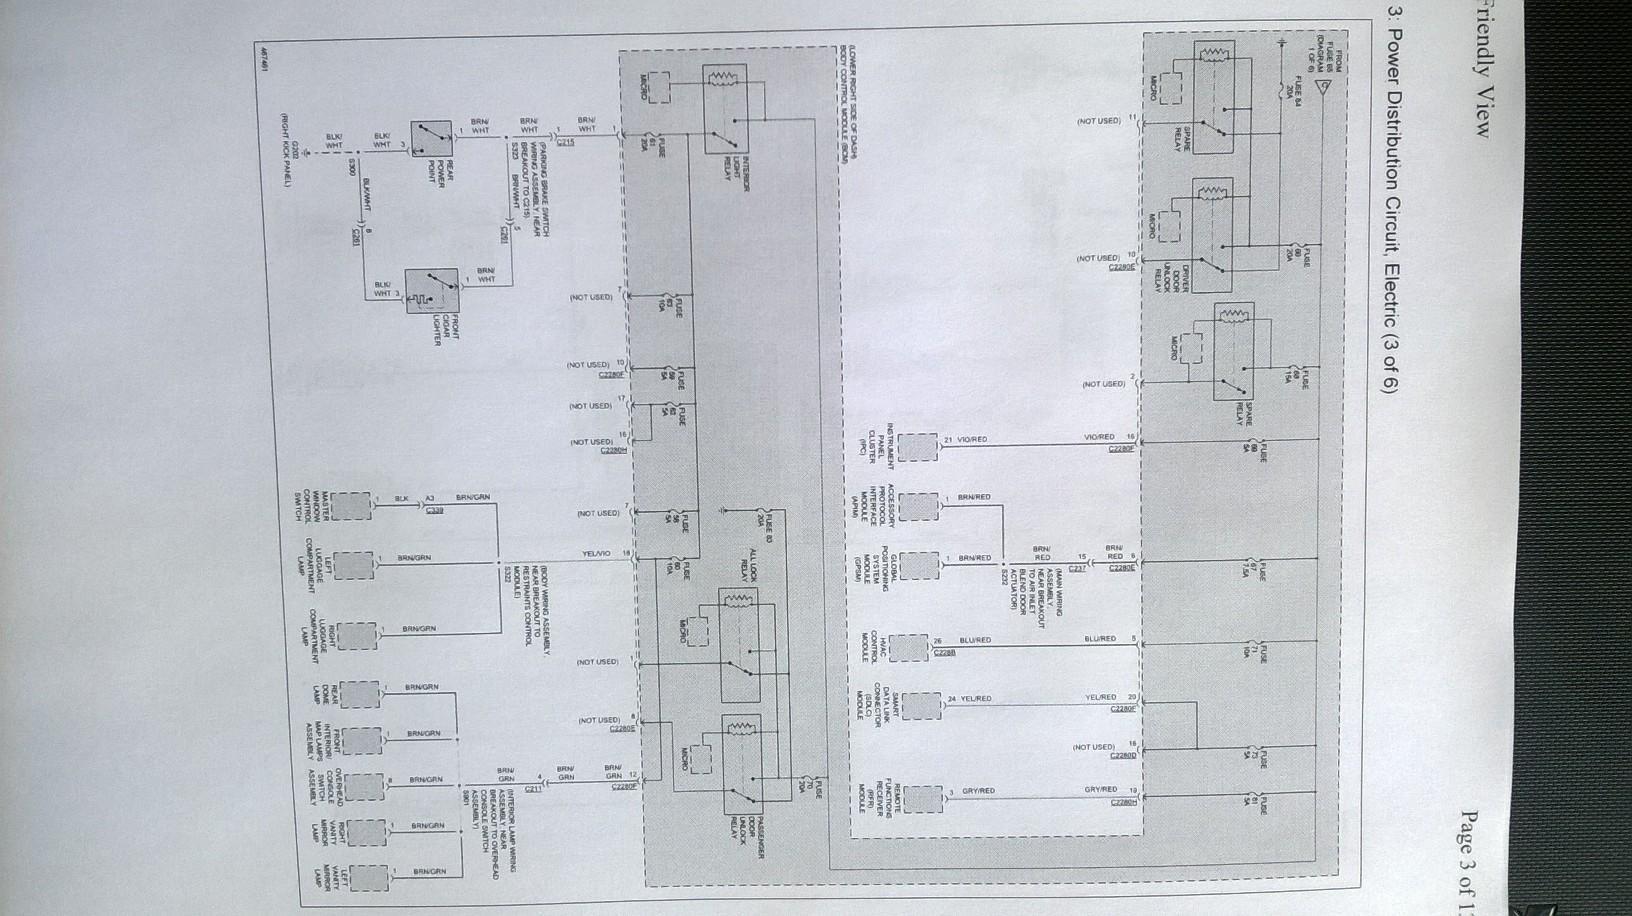 2015 Focus St Wiring Diagram: 2015 Focus st3 wiring diagramrh:focusst.org,Design